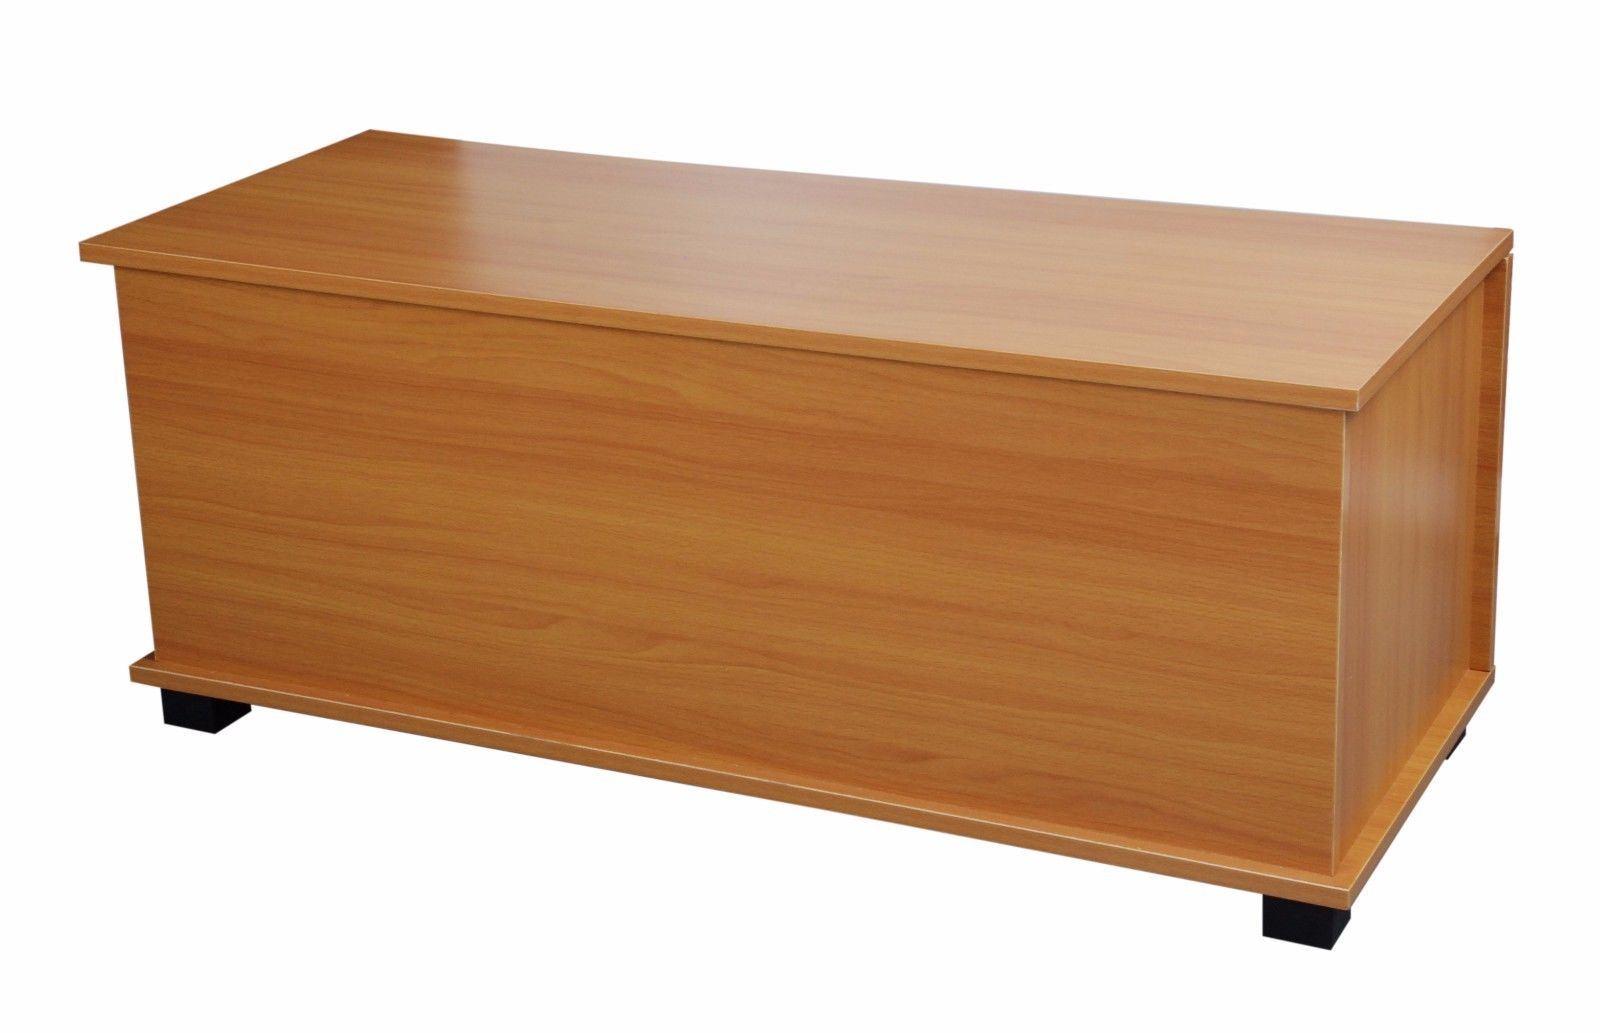 New bleach wooden ottoman toy storage chest trunk